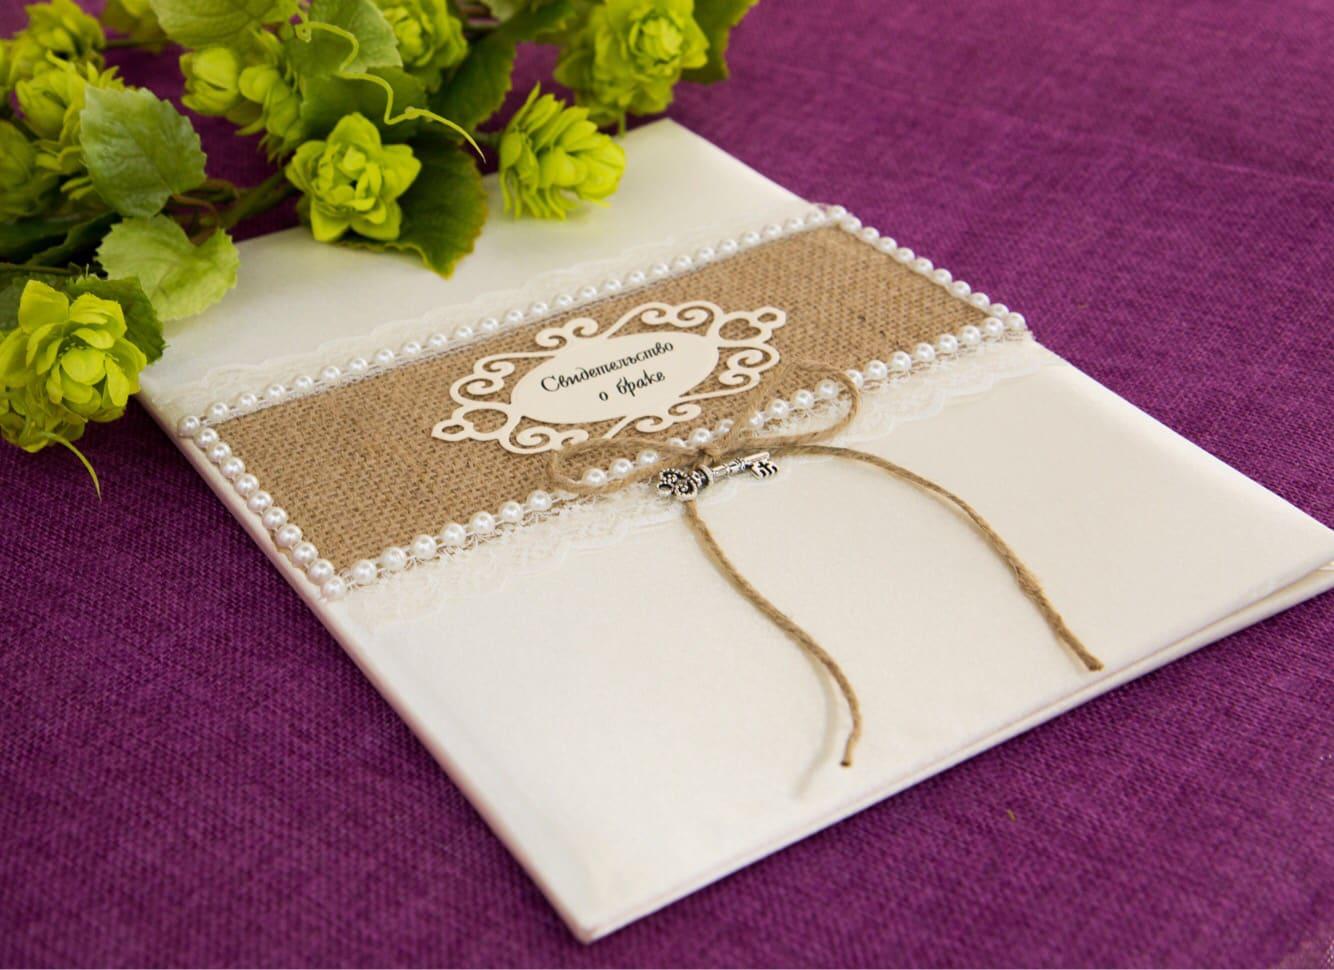 Стильная папка для свидетельства, украшенная фактурной тканью и жемчужинами.